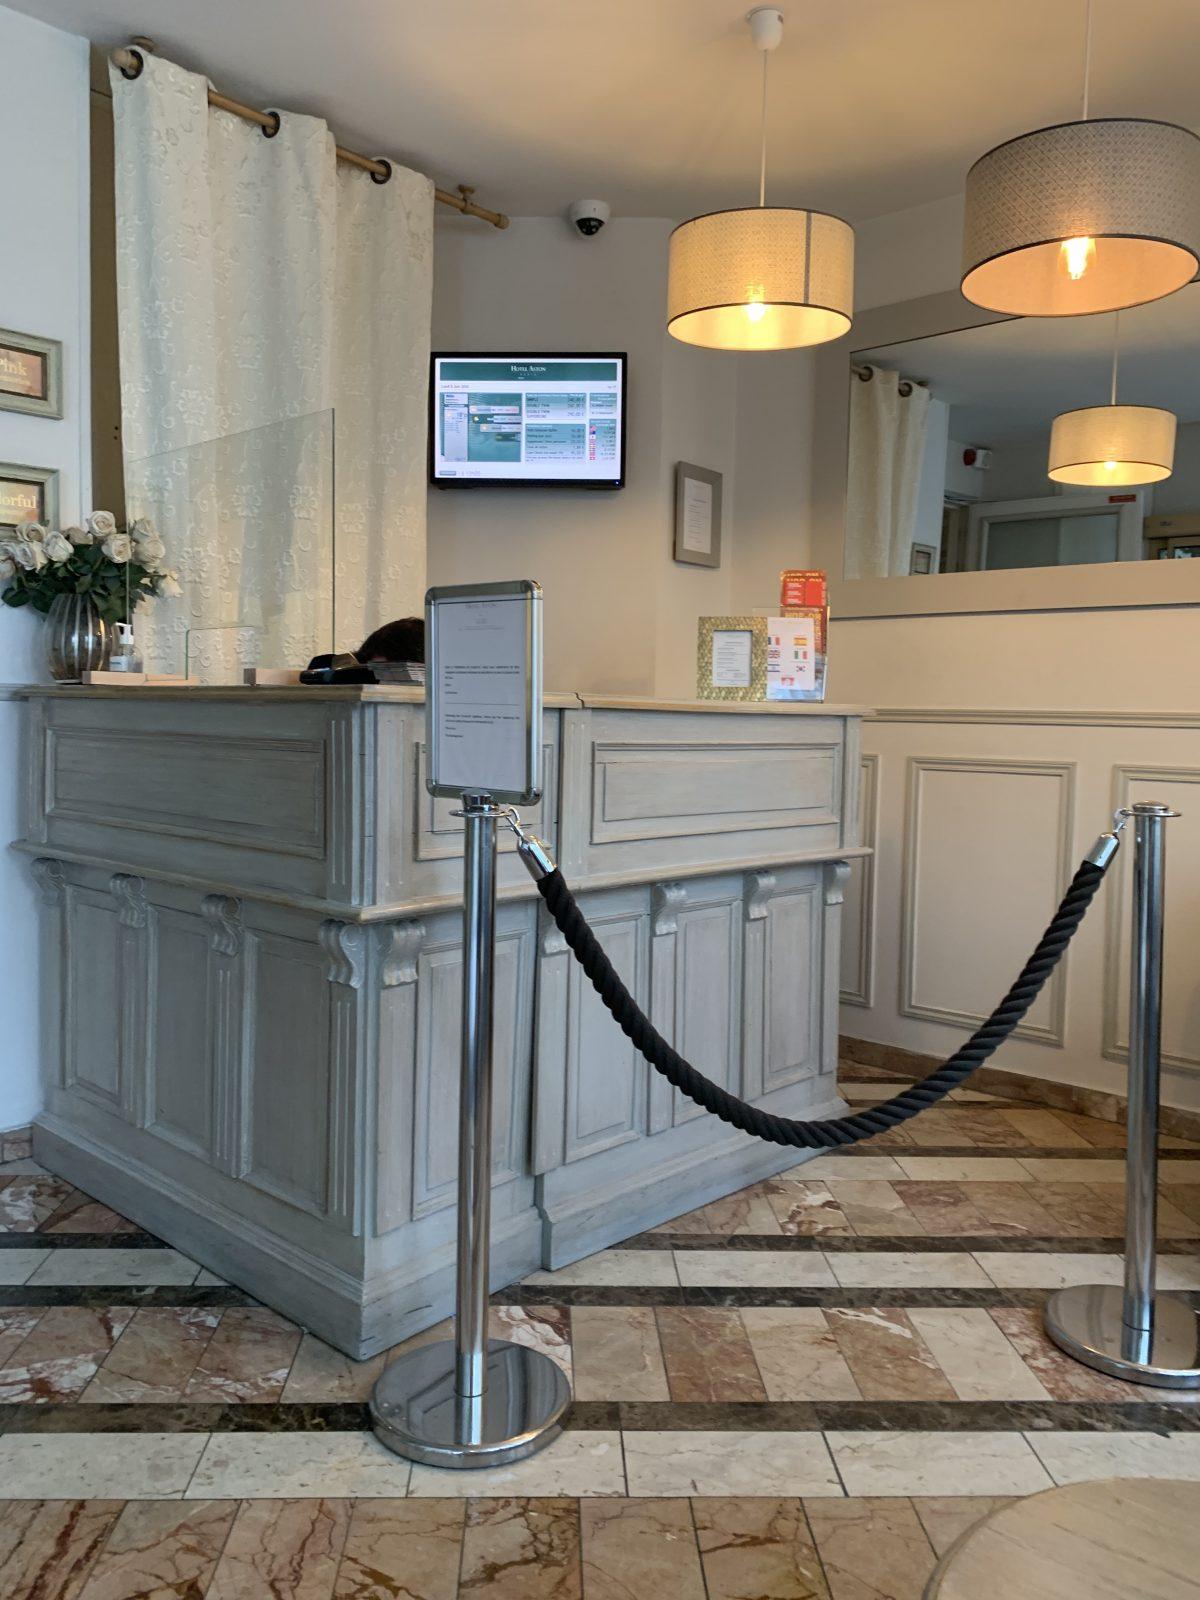 BANQUE ACCUEIL HOTEL